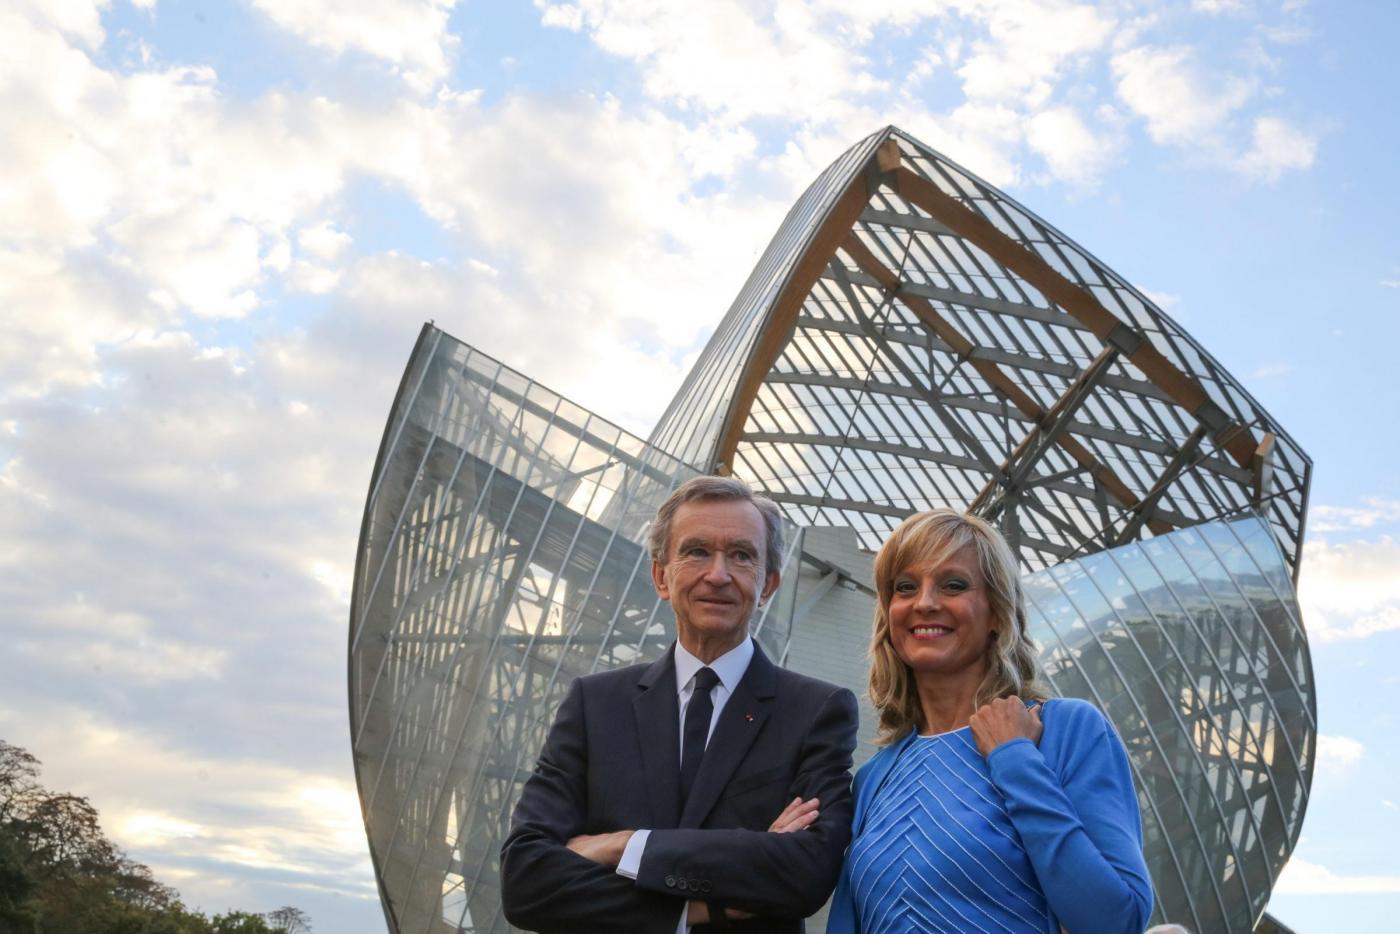 Parigi, apre Fondazione Louis Vuitton: splendido edificio in cristallo e cemento